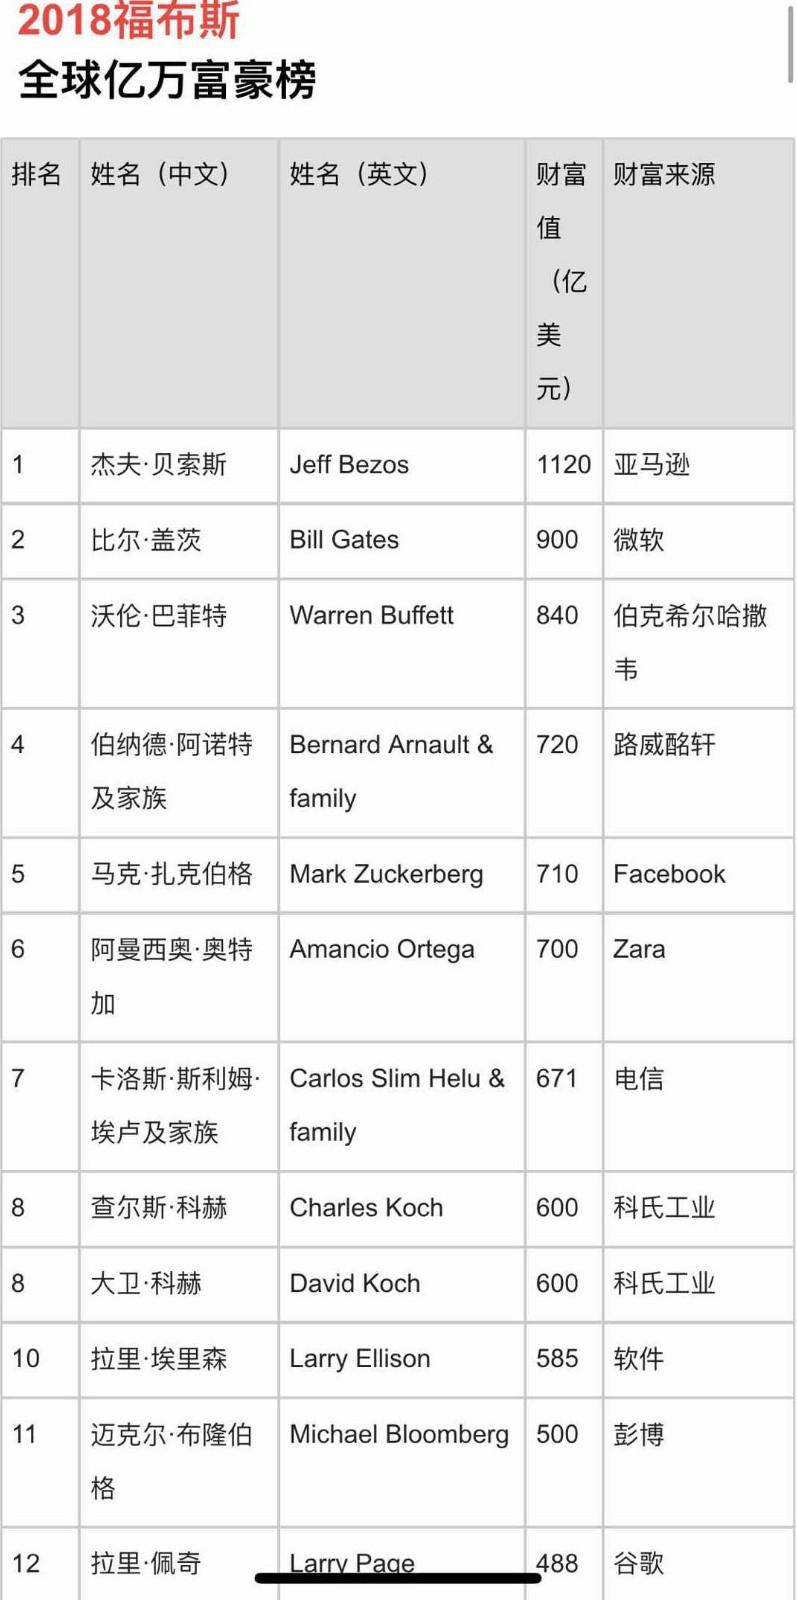 福布斯2018年度全球亿万富豪榜:中国新上榜富豪最多_图1-1